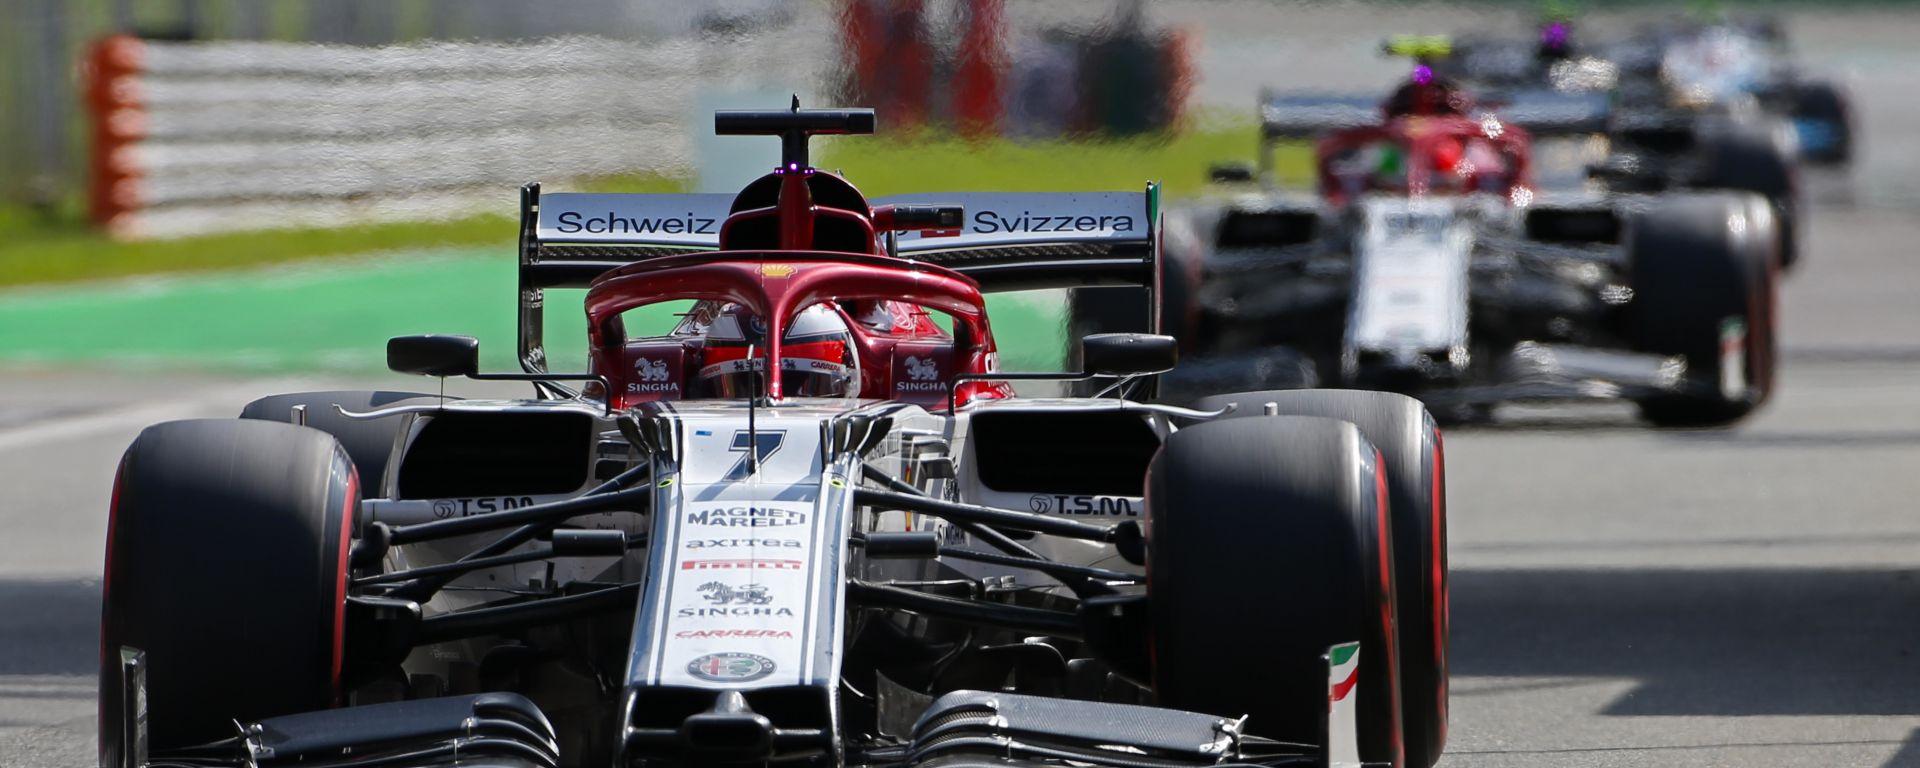 F1, GP Italia 2019: le Alfa Romeo di Kimi Raikkonen e Antonio Giovinazzi